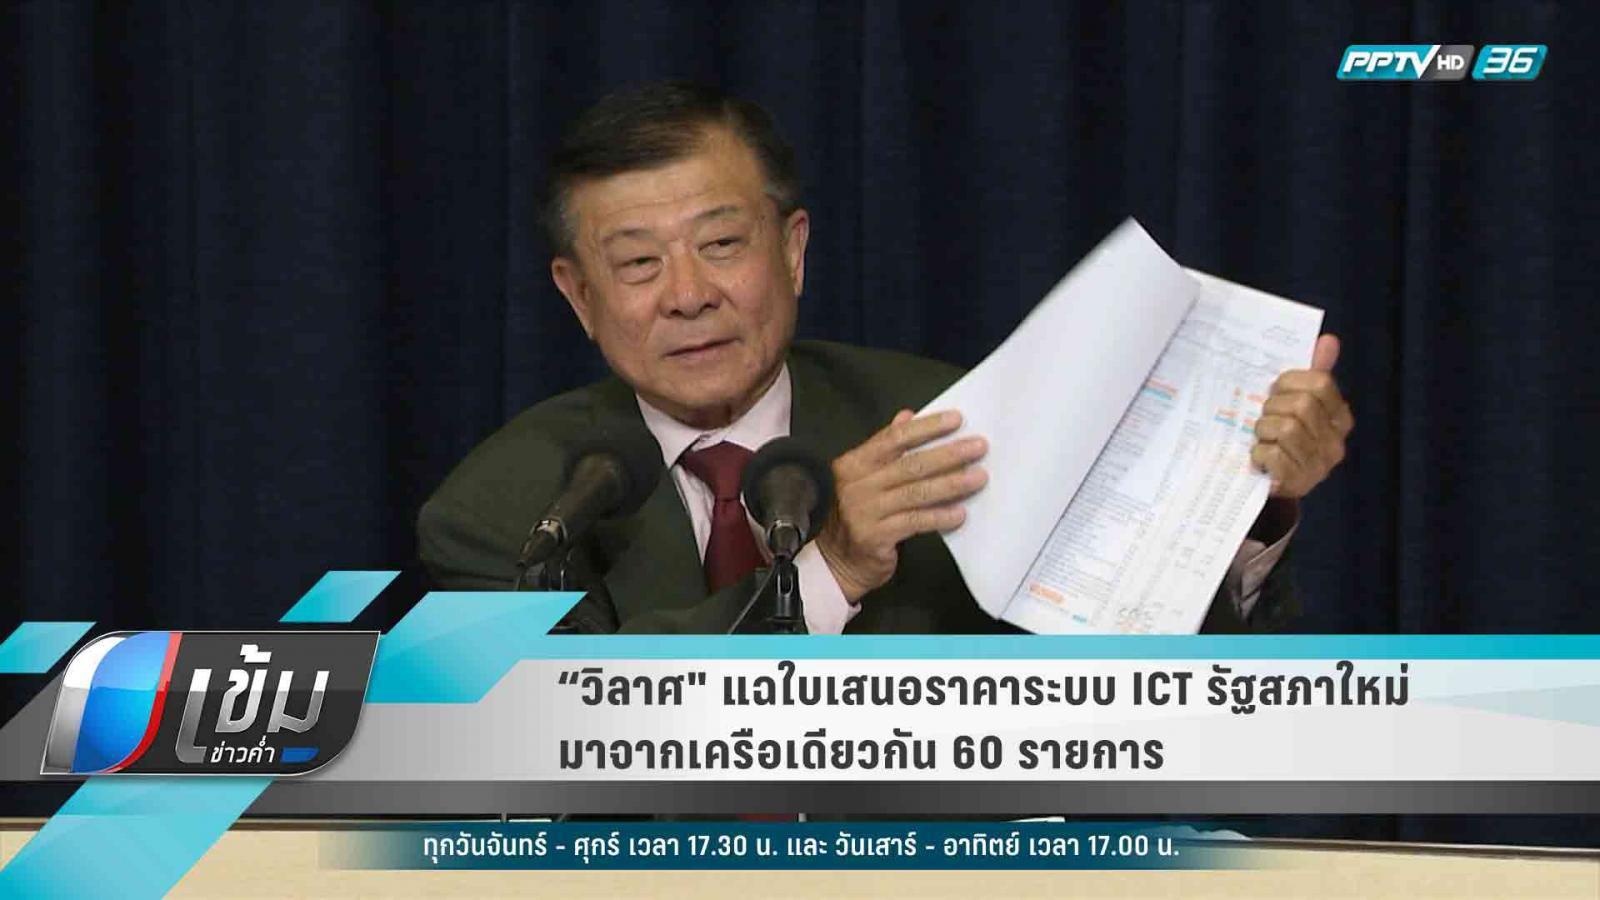 """""""วิลาศ"""" แฉใบเสนอราคาระบบ ICT รัฐสภาใหม่ มาจากเครือเดียวกัน 60 รายการ"""